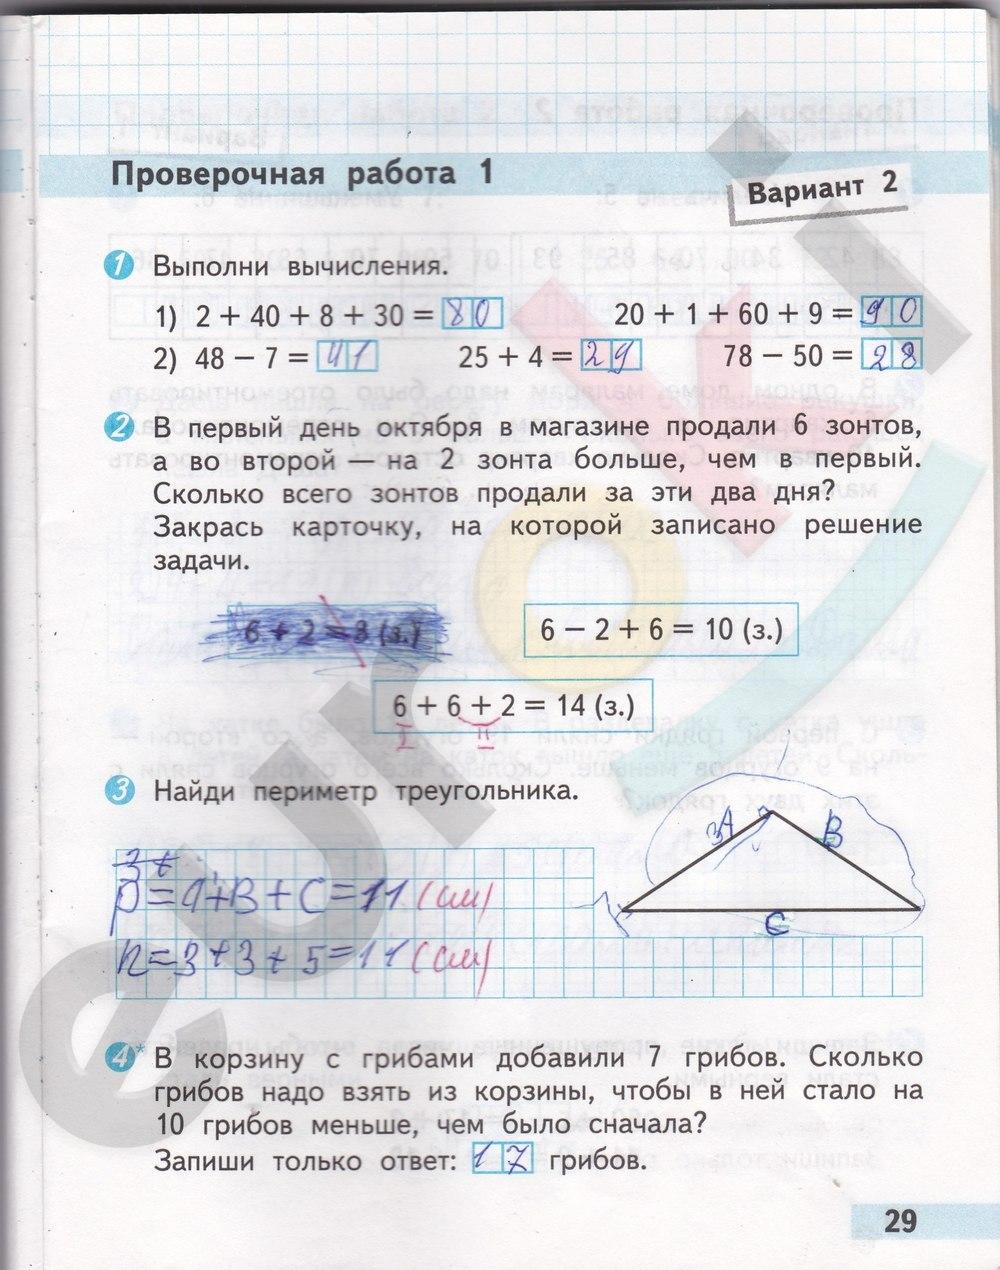 ответы к проверочным работам по математике 2 класс волкова ответы решебник